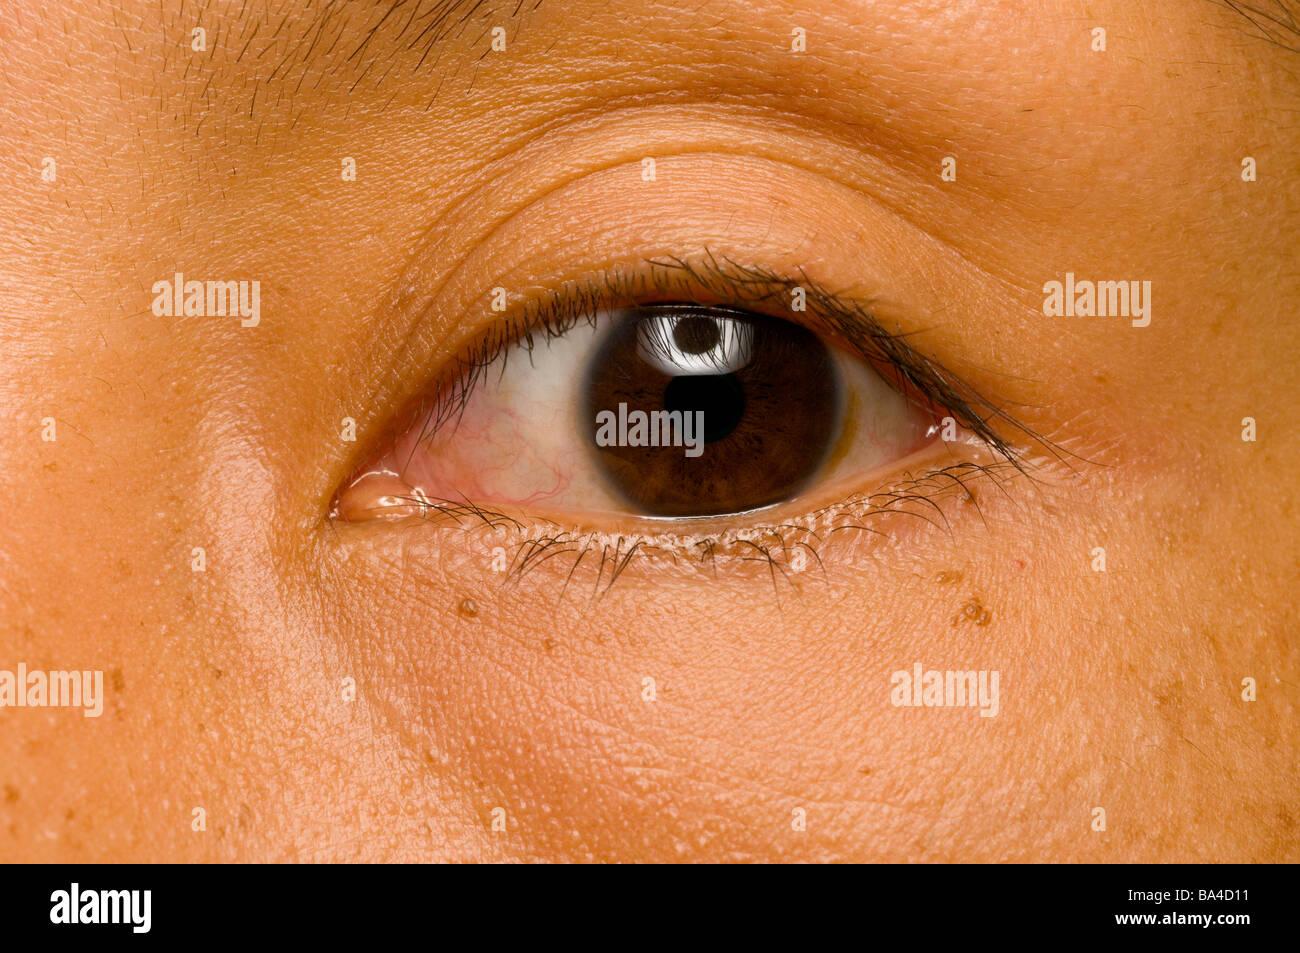 Schwarz Oder Dunkel Braune Augen Stockfoto Bild 23454957 Alamy